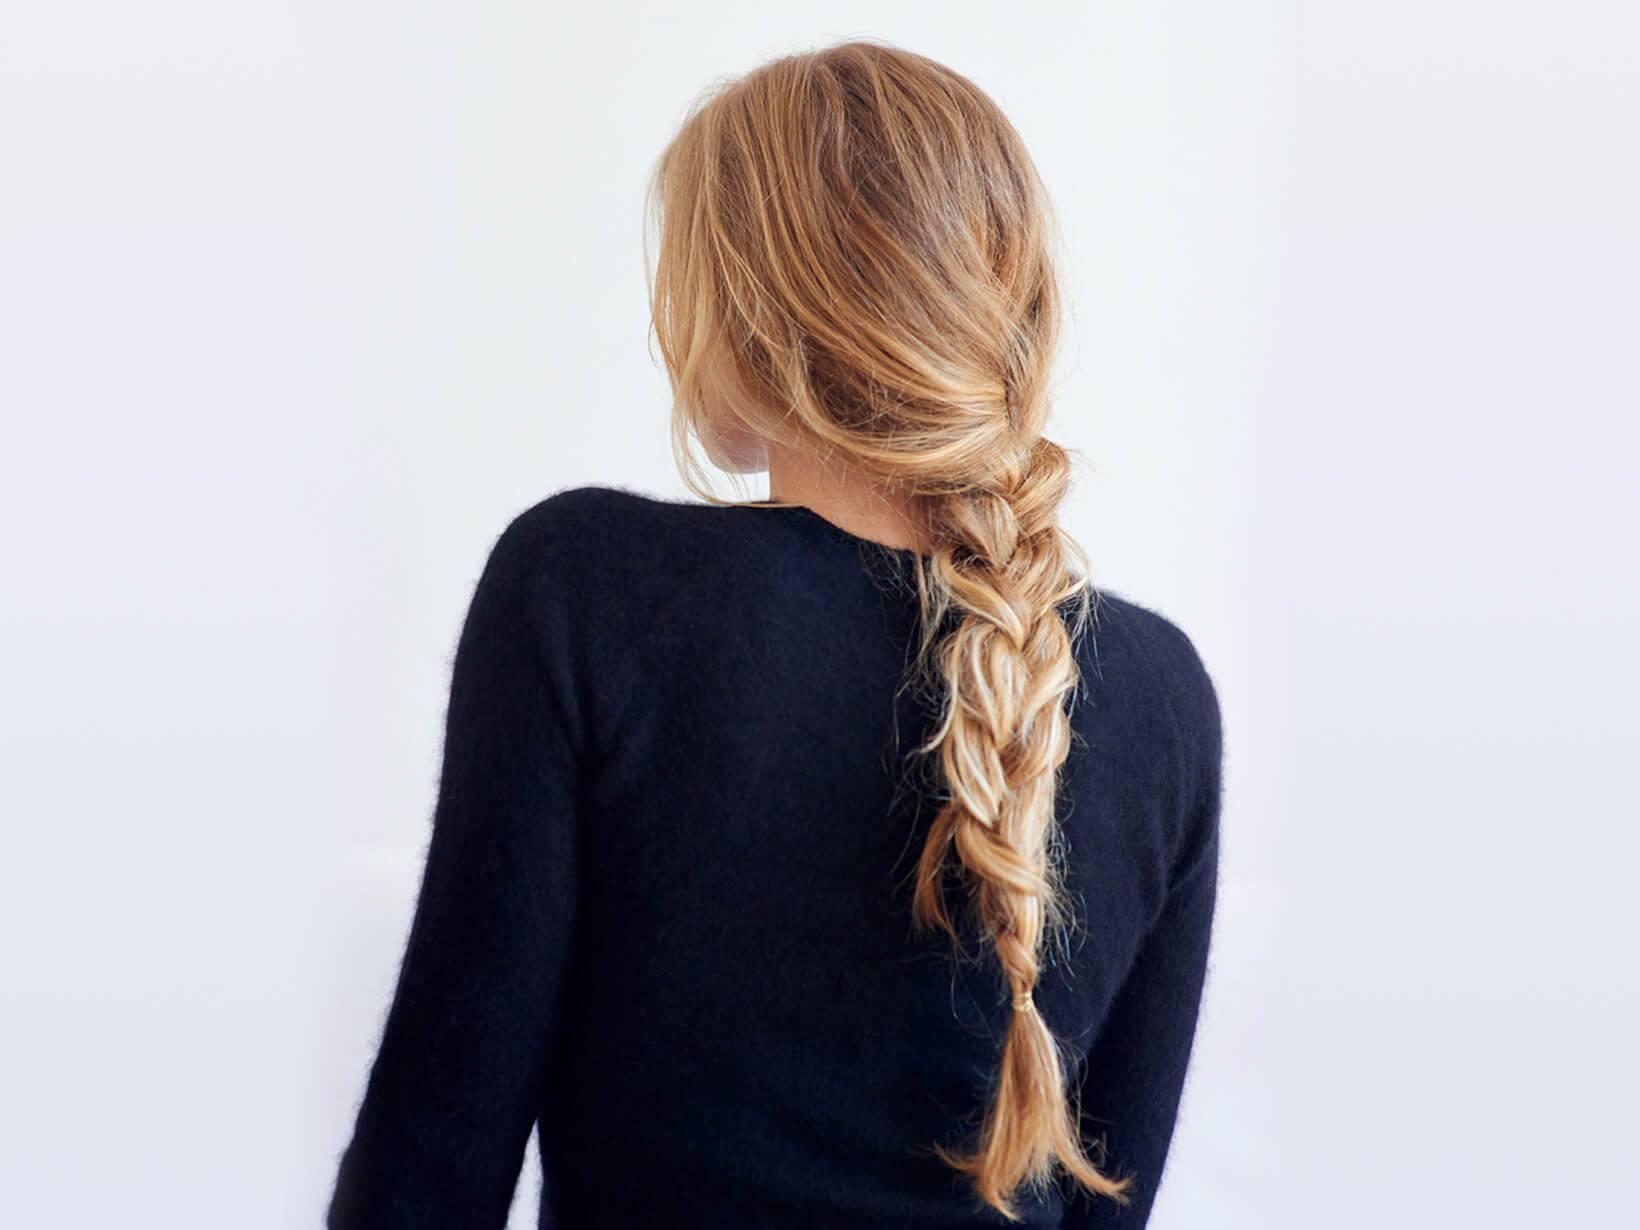 Frisuren Offene Haare  Einfache Frisuren zum Nachmachen